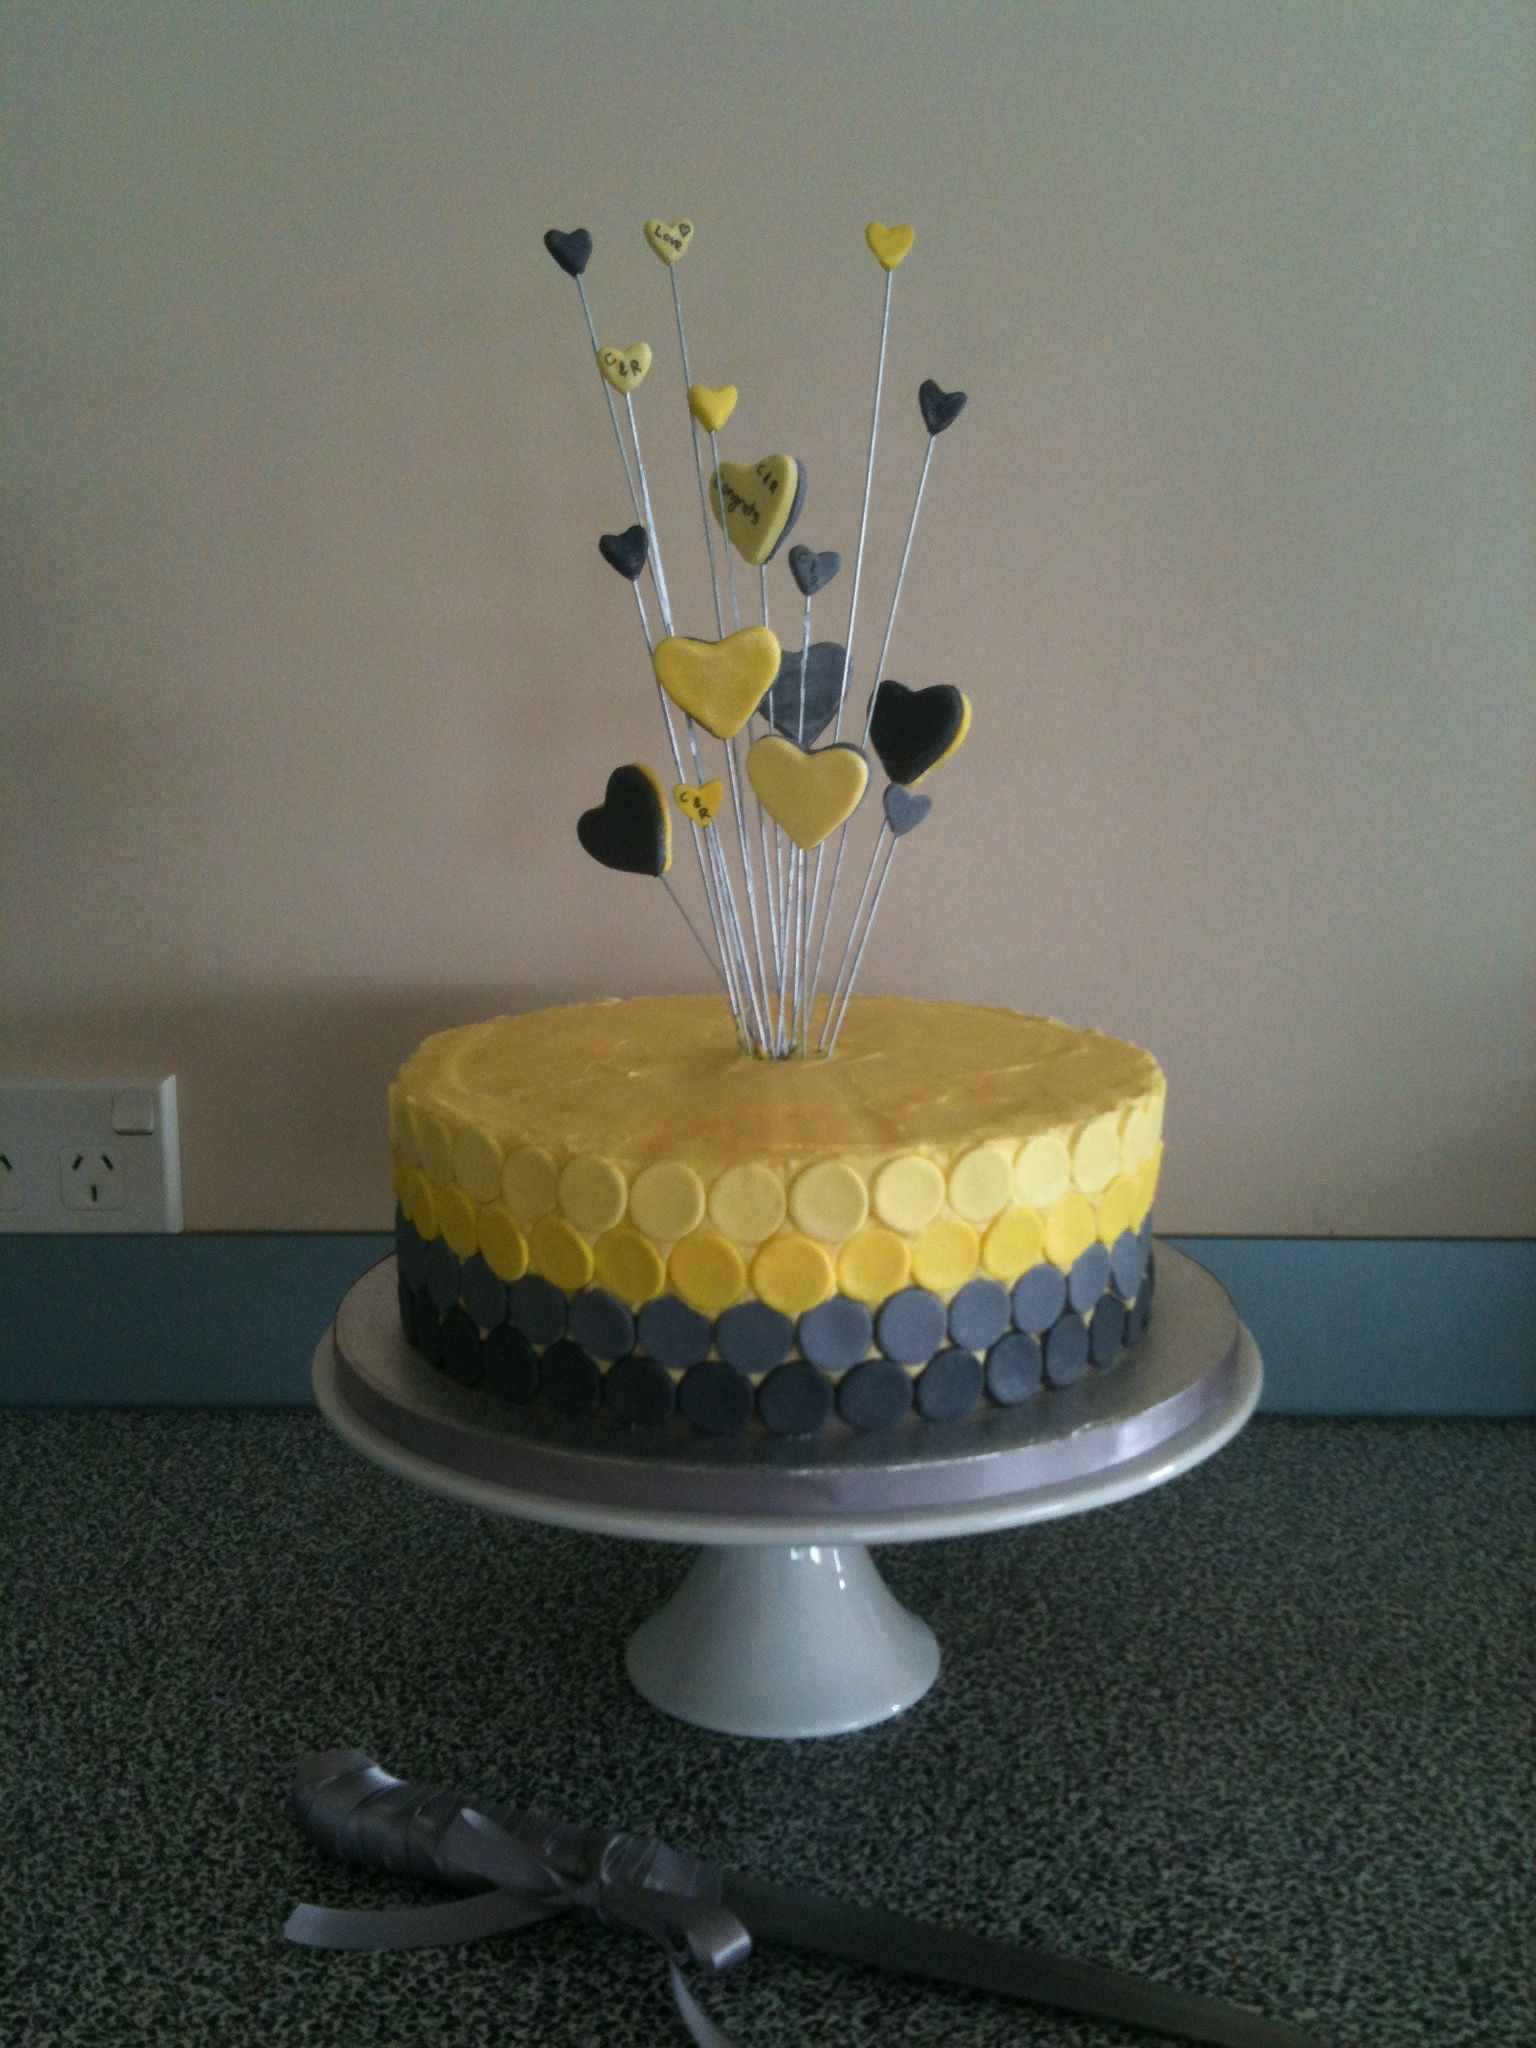 Cake Bakery In Waterbury Ct